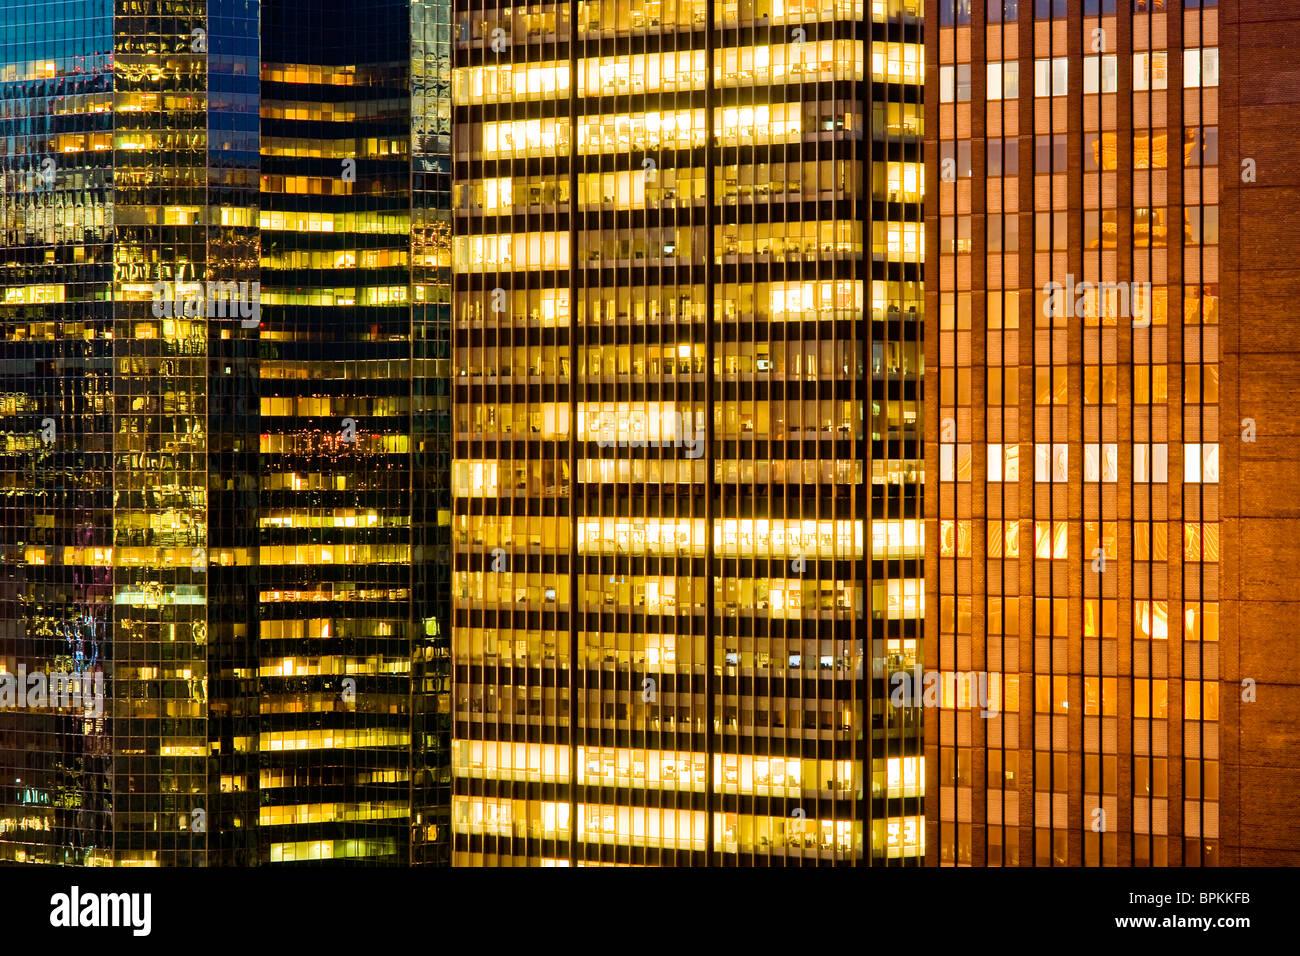 Grattacielo in dettaglio windows Immagini Stock